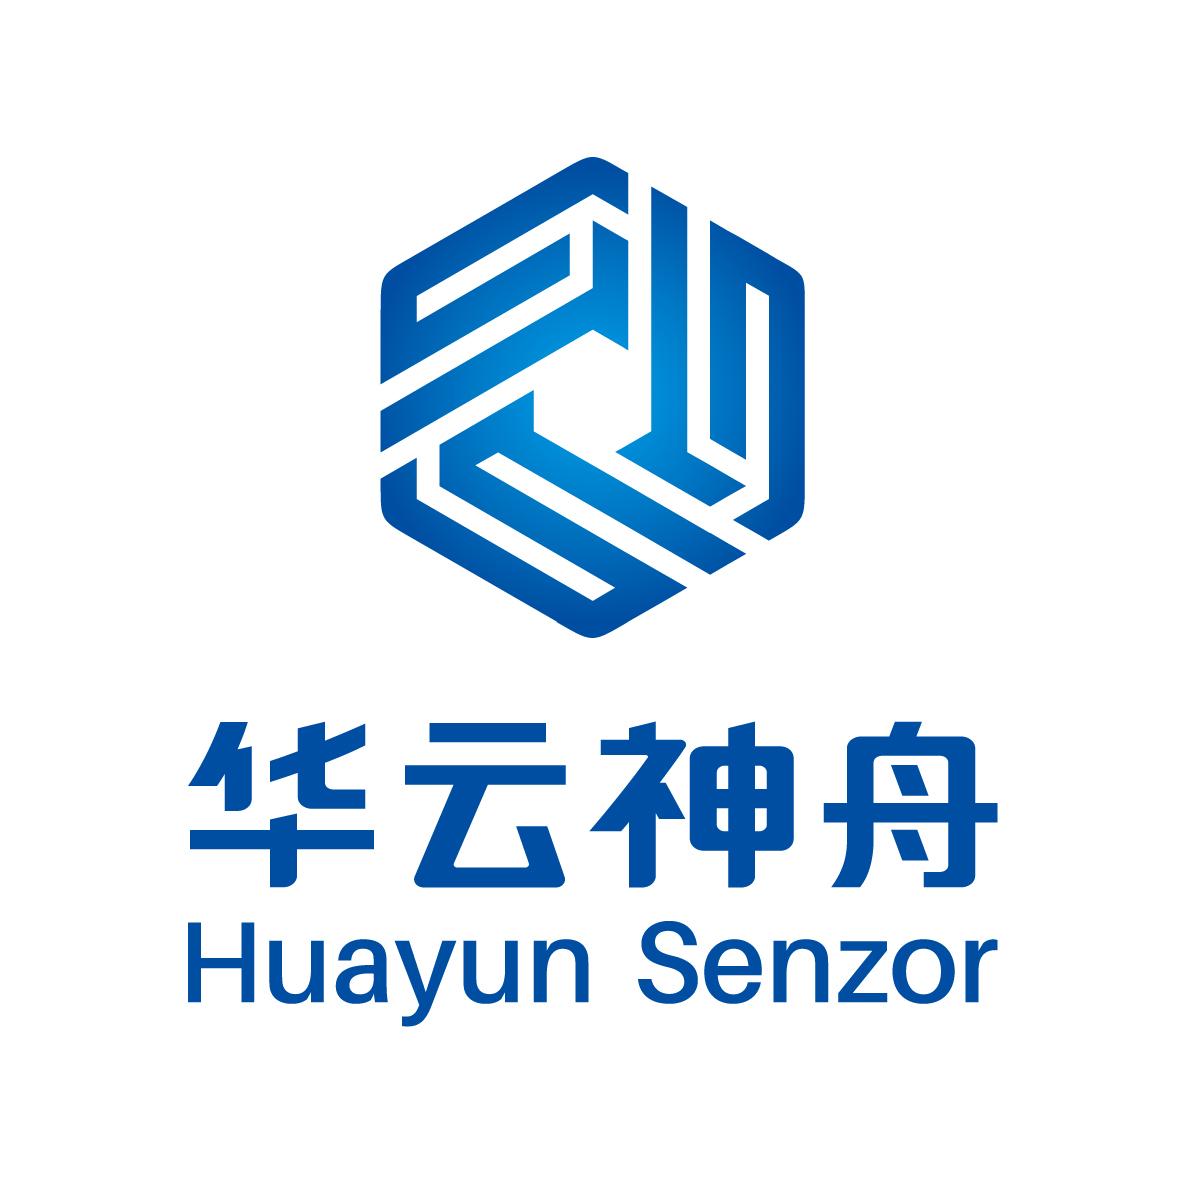 广东华云神舟科技股份有限公司